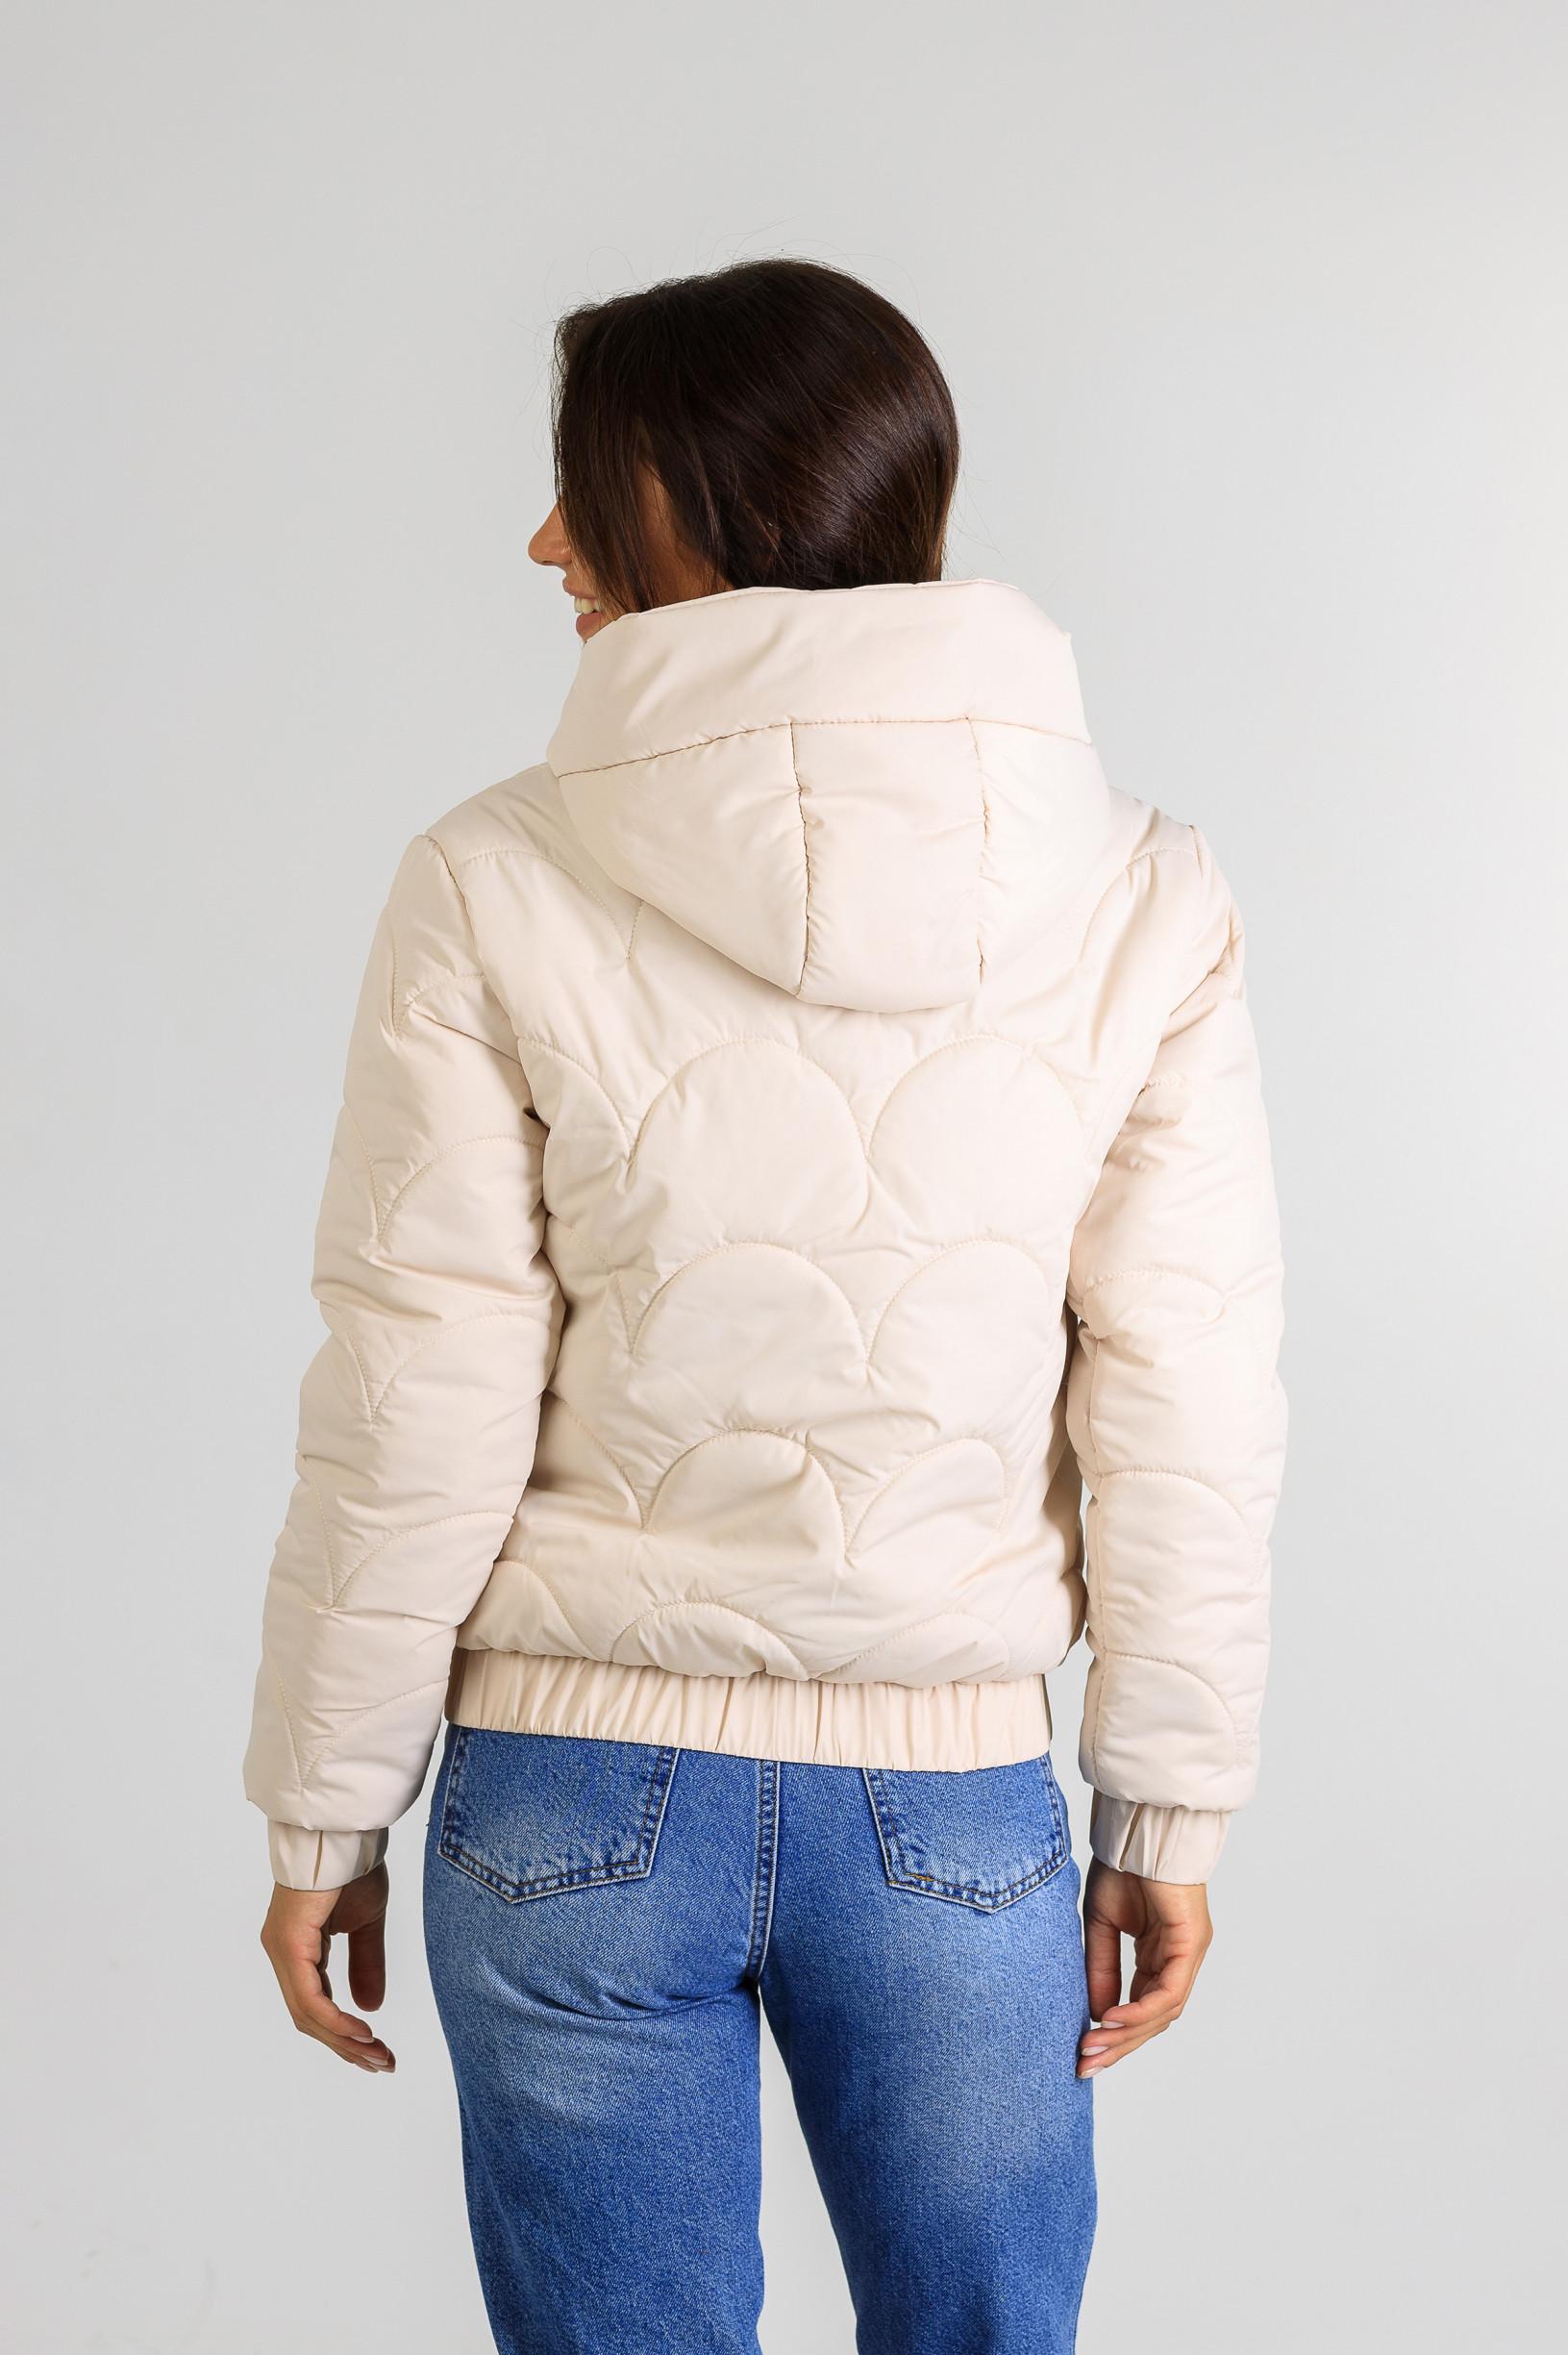 Демисезонная женская куртка Уля молочногоцвета